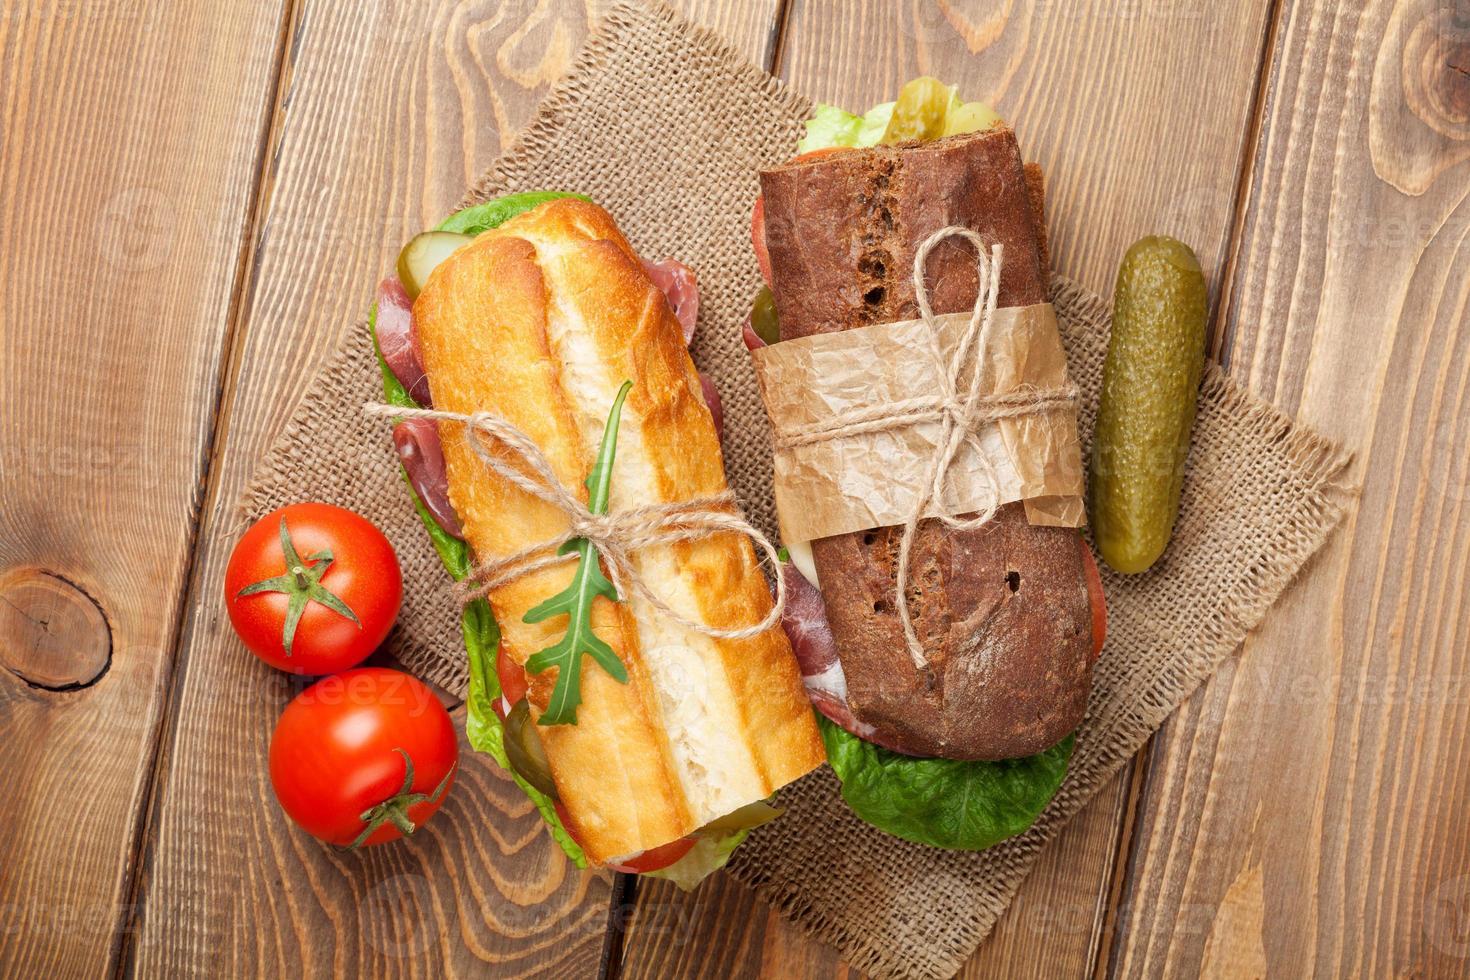 zwei Sandwiches mit Salat, Schinken, Käse foto